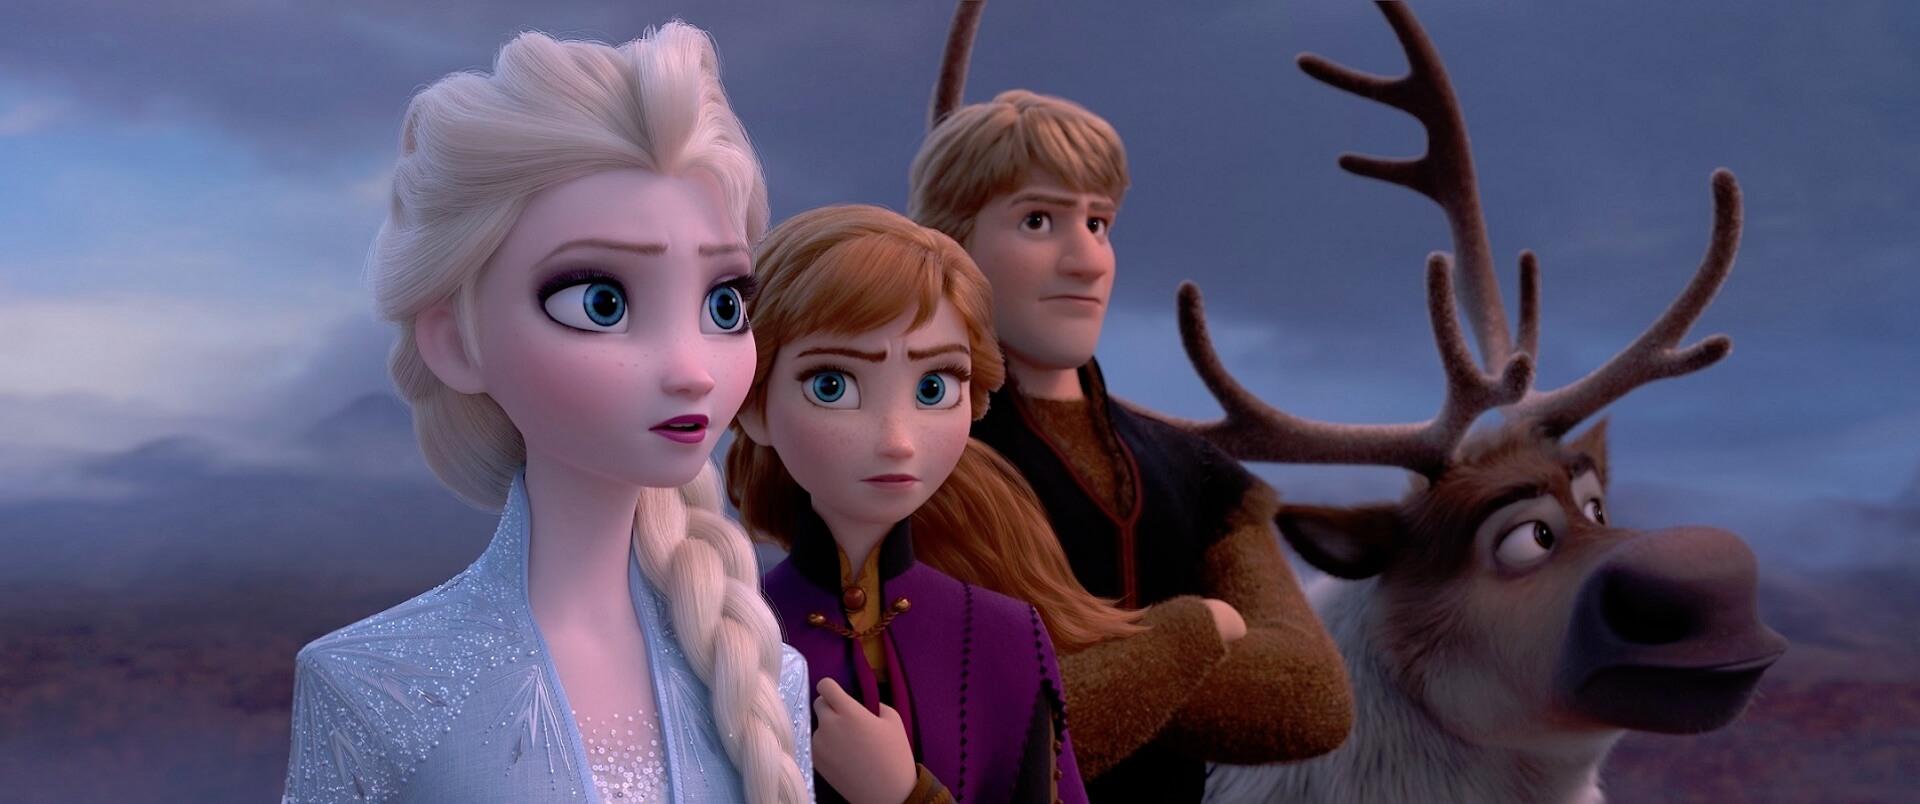 また日本にアナ雪旋風が到来!『アナと雪の女王2』3週連続No.1獲得|ディズニー史上最短で60億円突破 film191209_anayuki_1